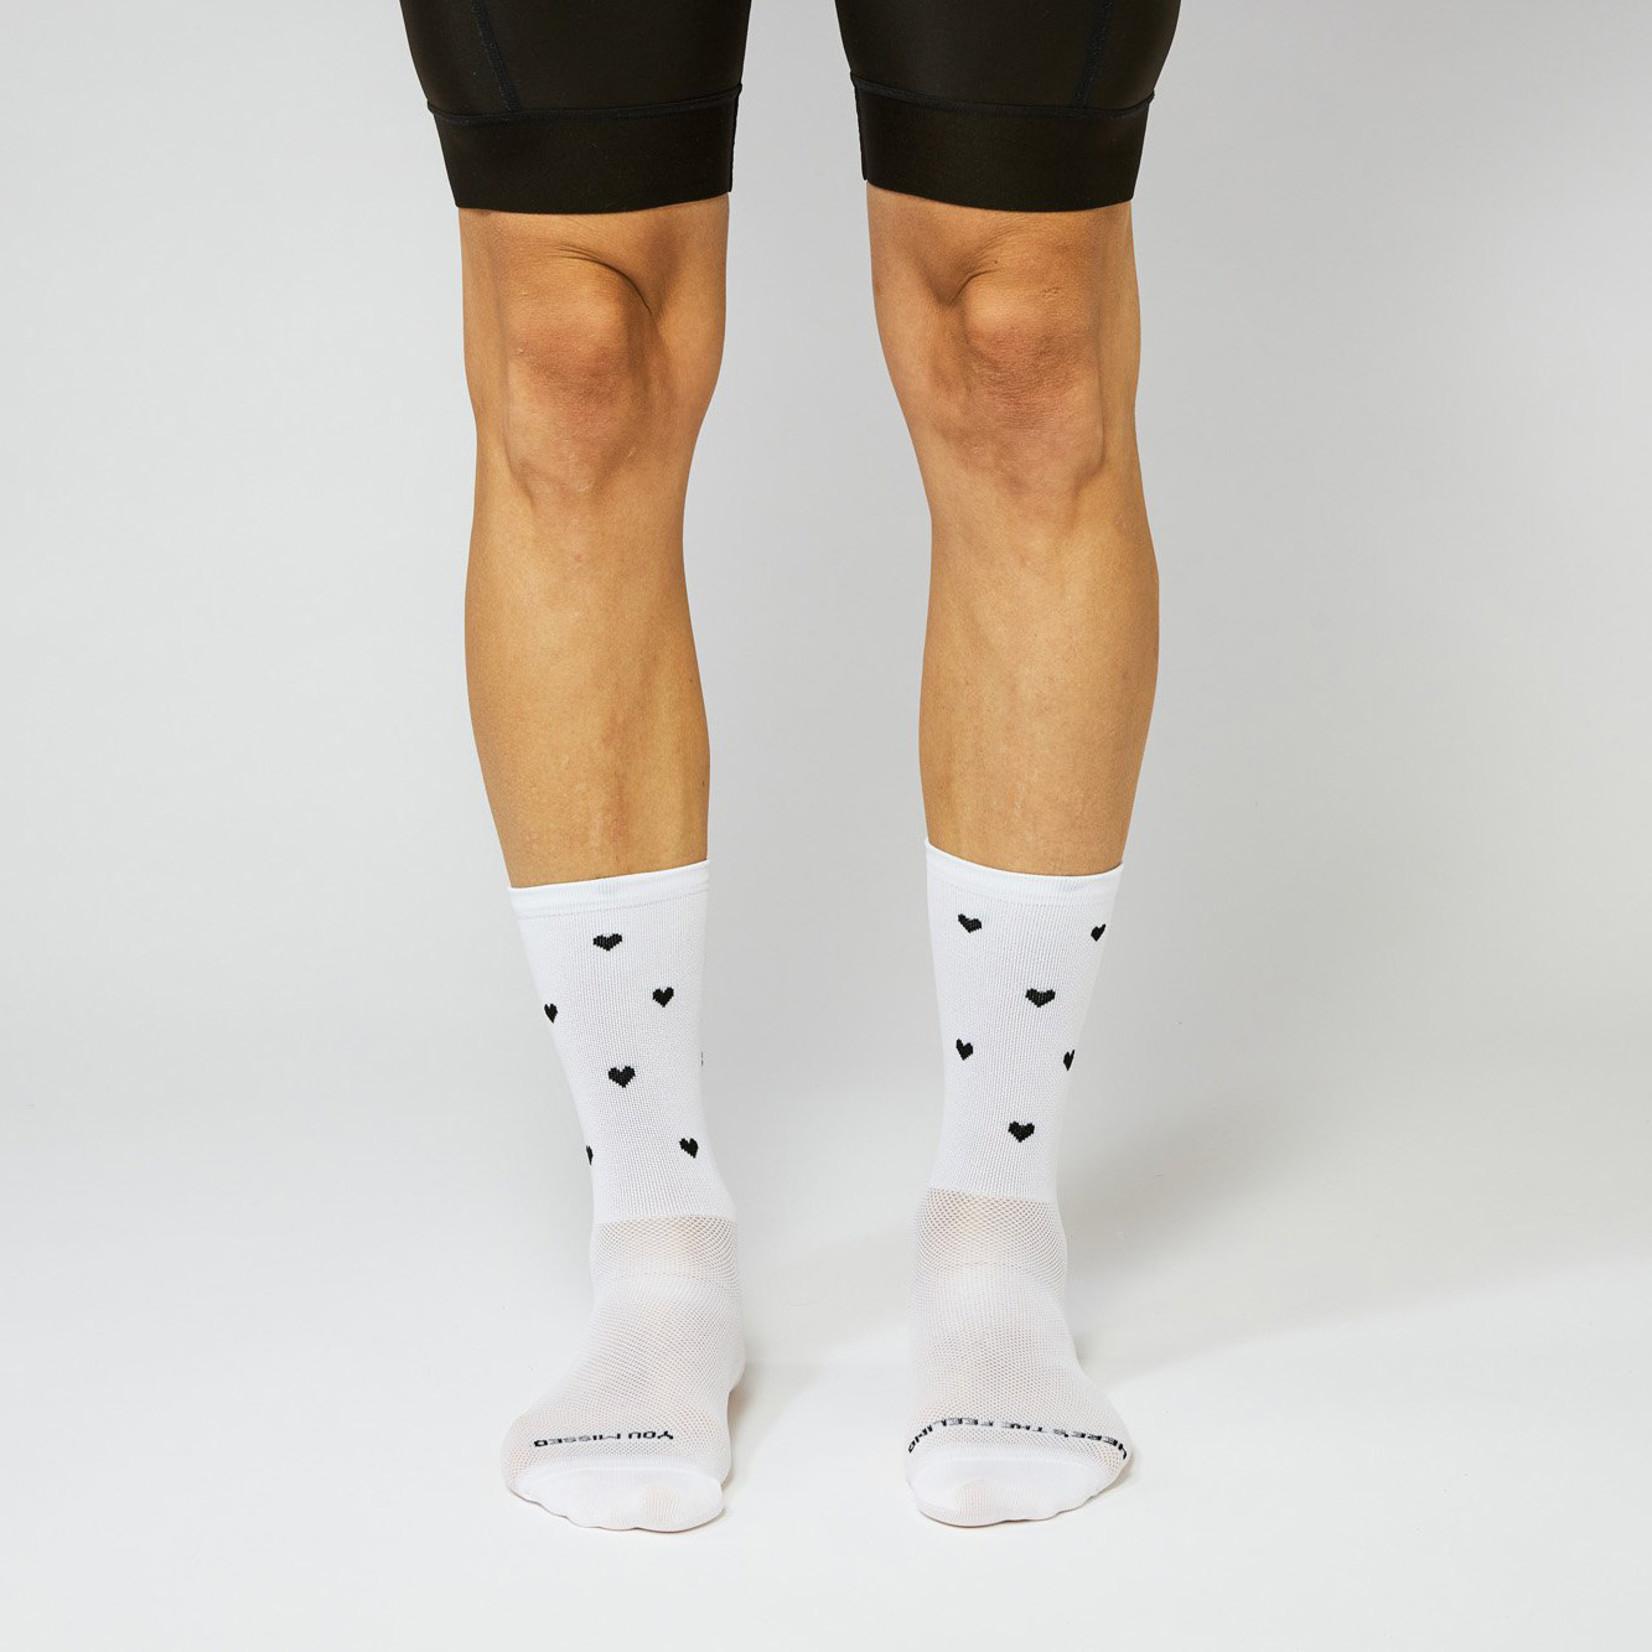 Fingerscrossed FINGERSCROSSED Socks - Hearts